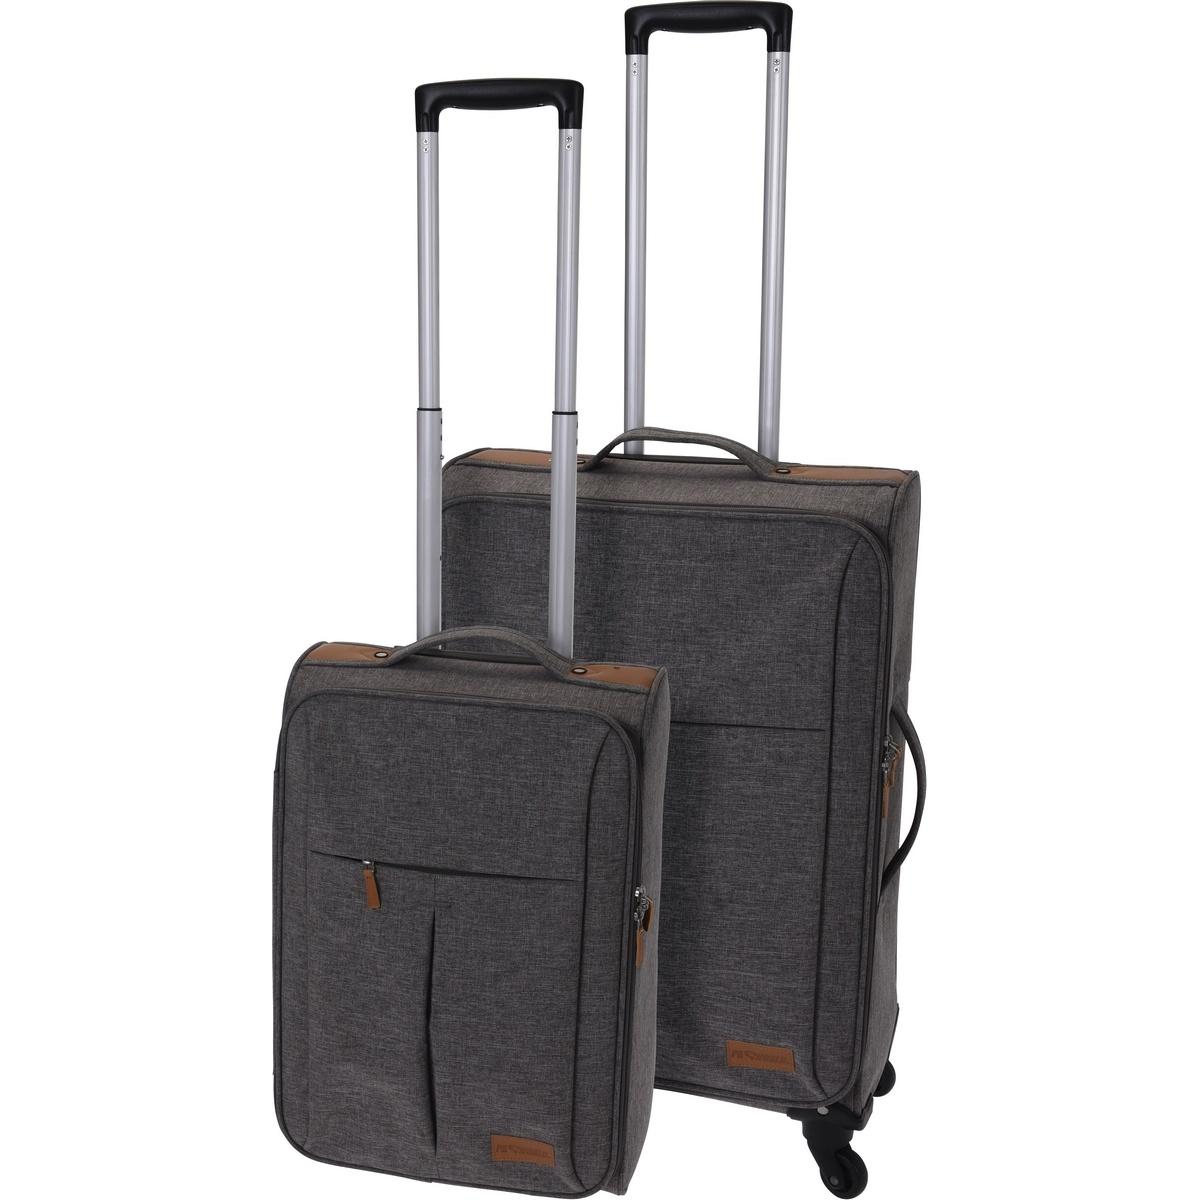 Koopman Sada textilných kufrov na kolieskach 2 ks, svetlosivá